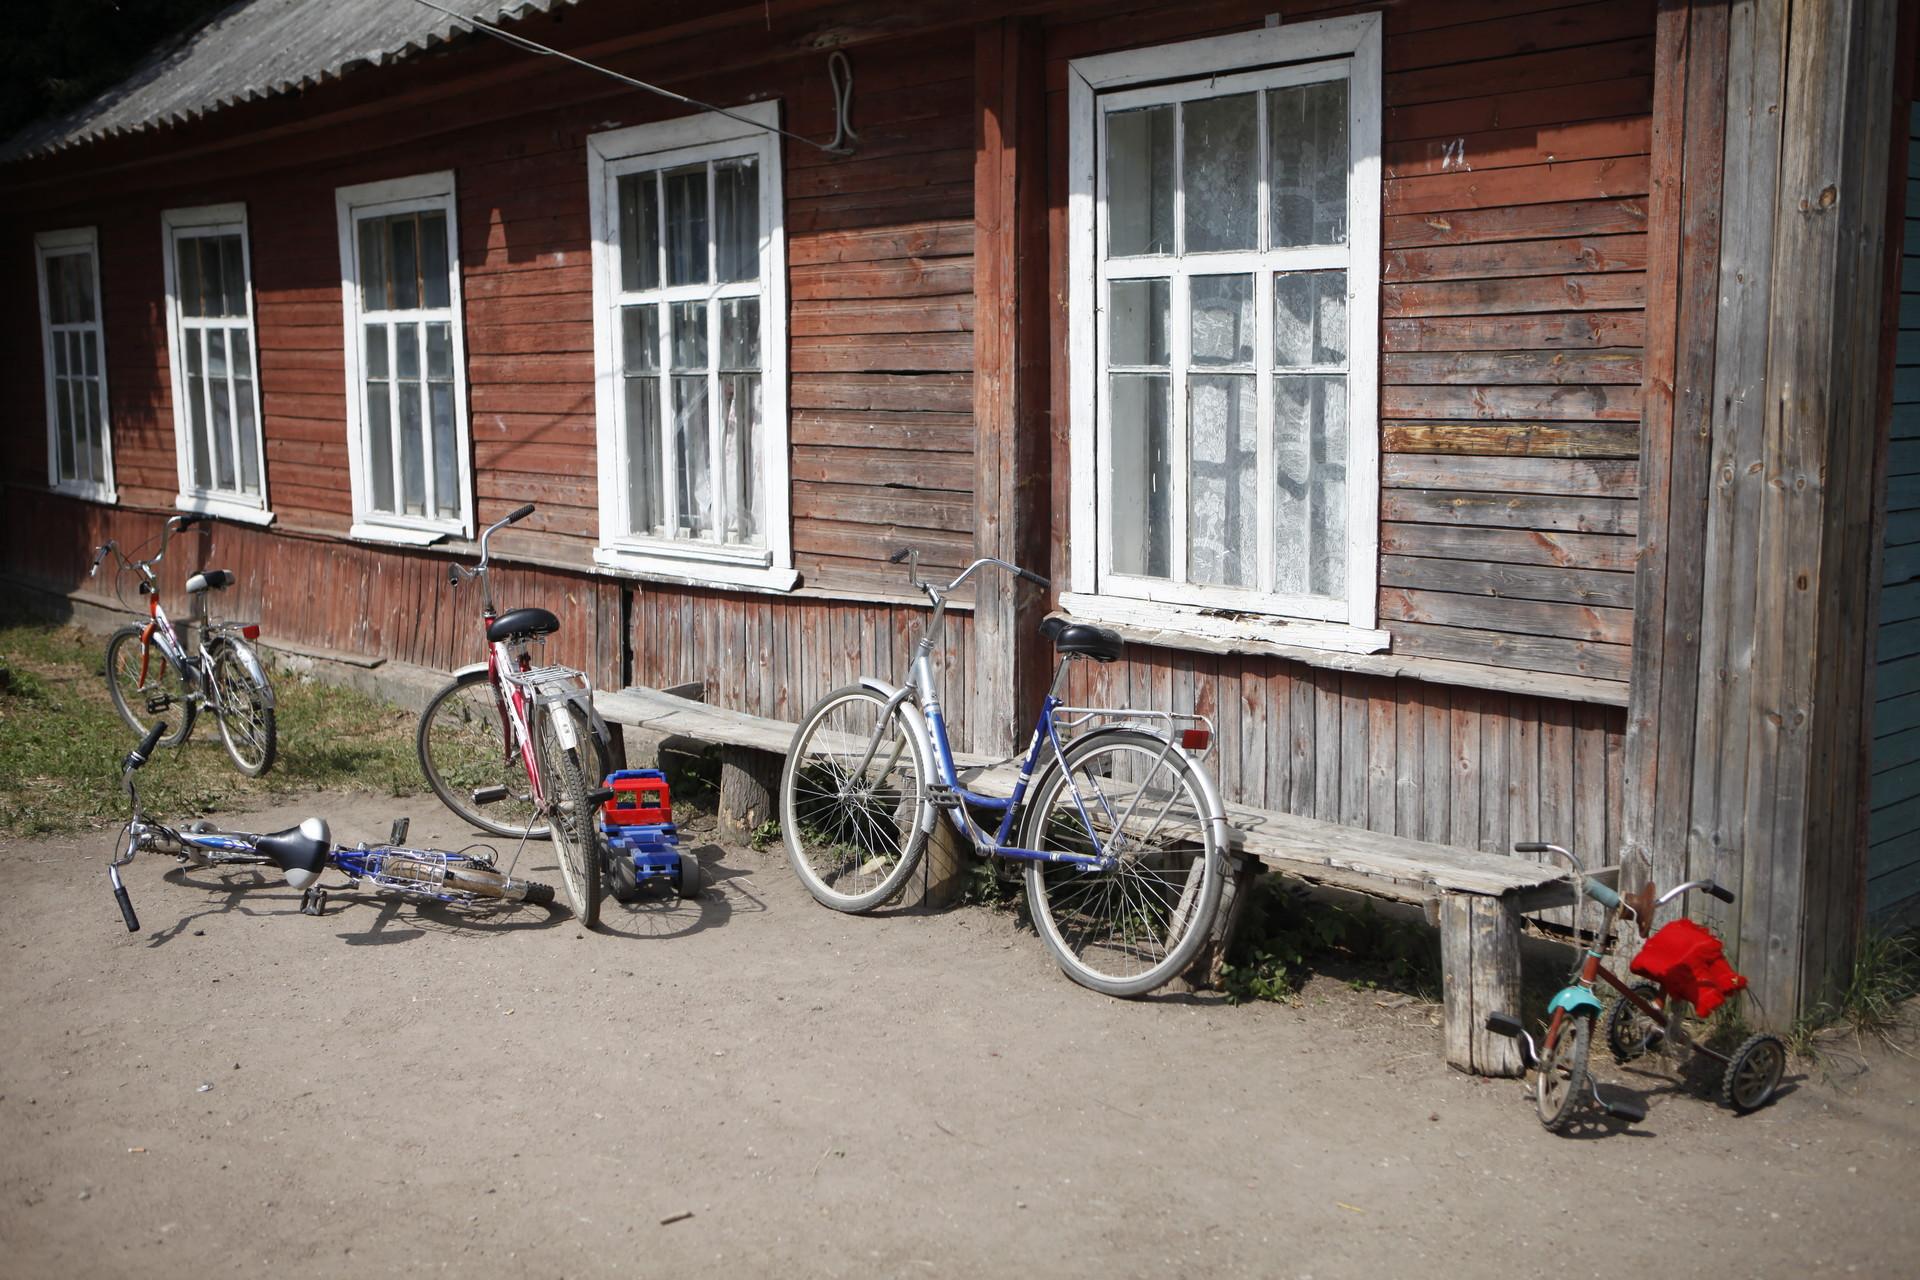 Начало дачного сезона в Псковской области может сказаться на статистике по коронавирусу. ФОТО: Андрей Степанов.